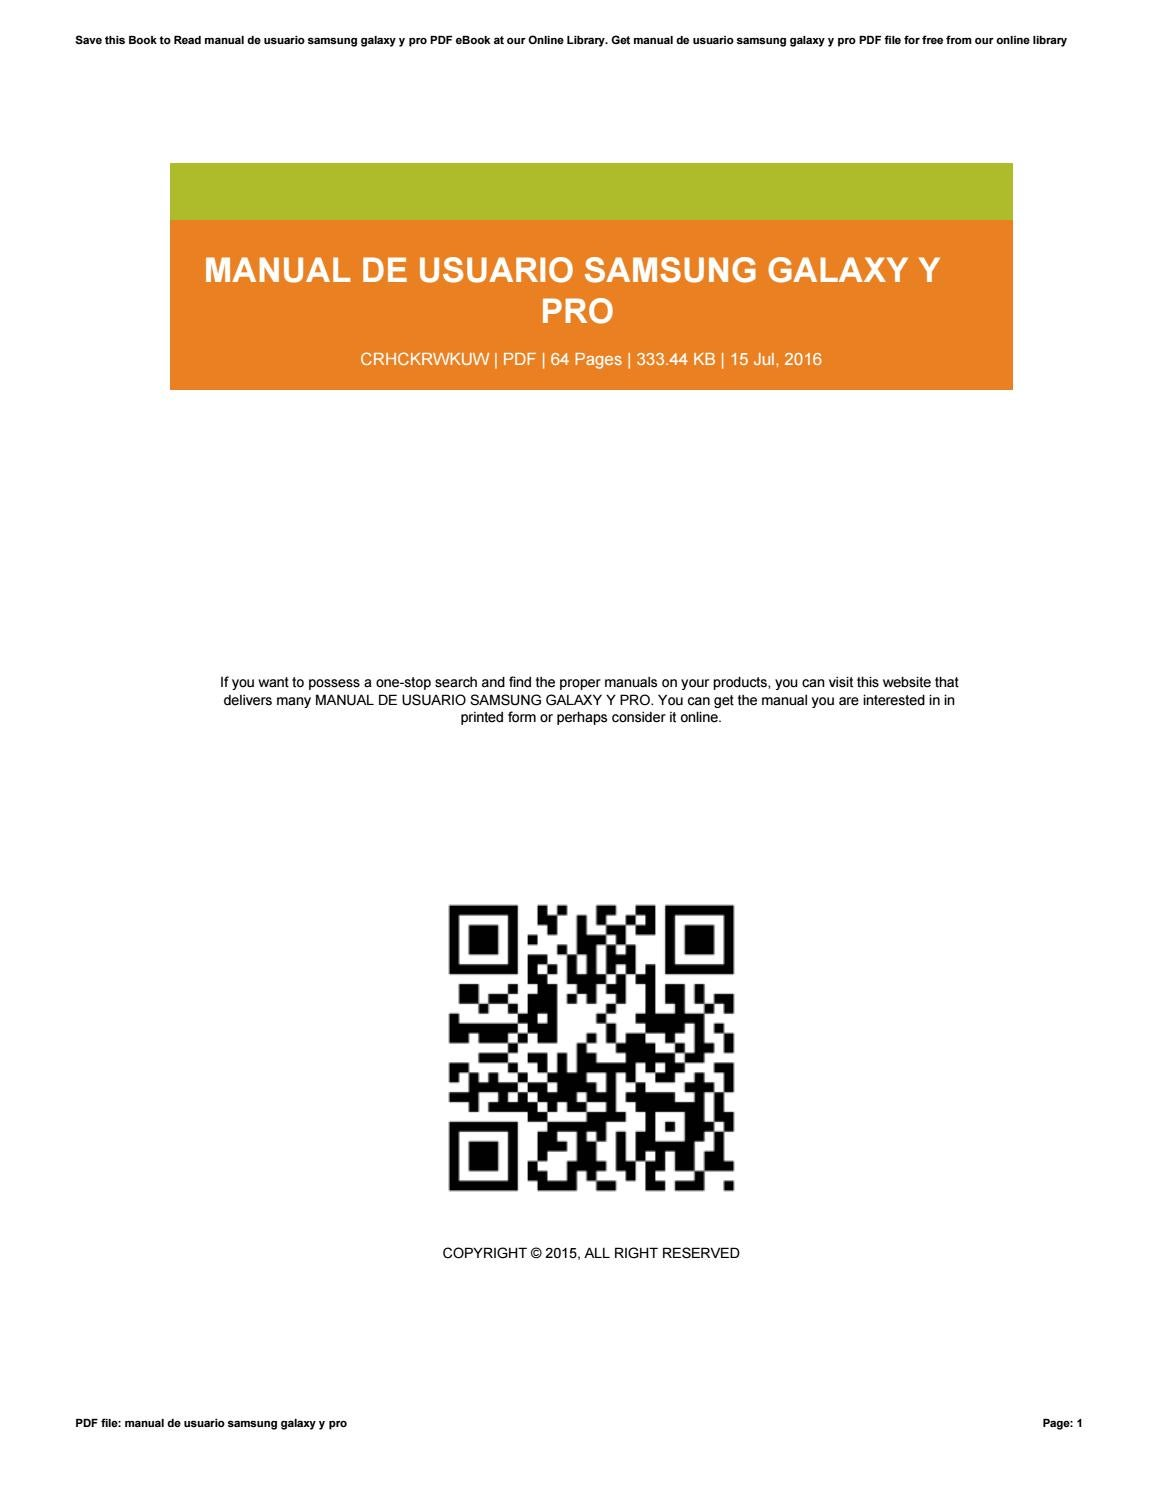 Manual de-usuario-samsung-galaxy-y-pro-b5510l.